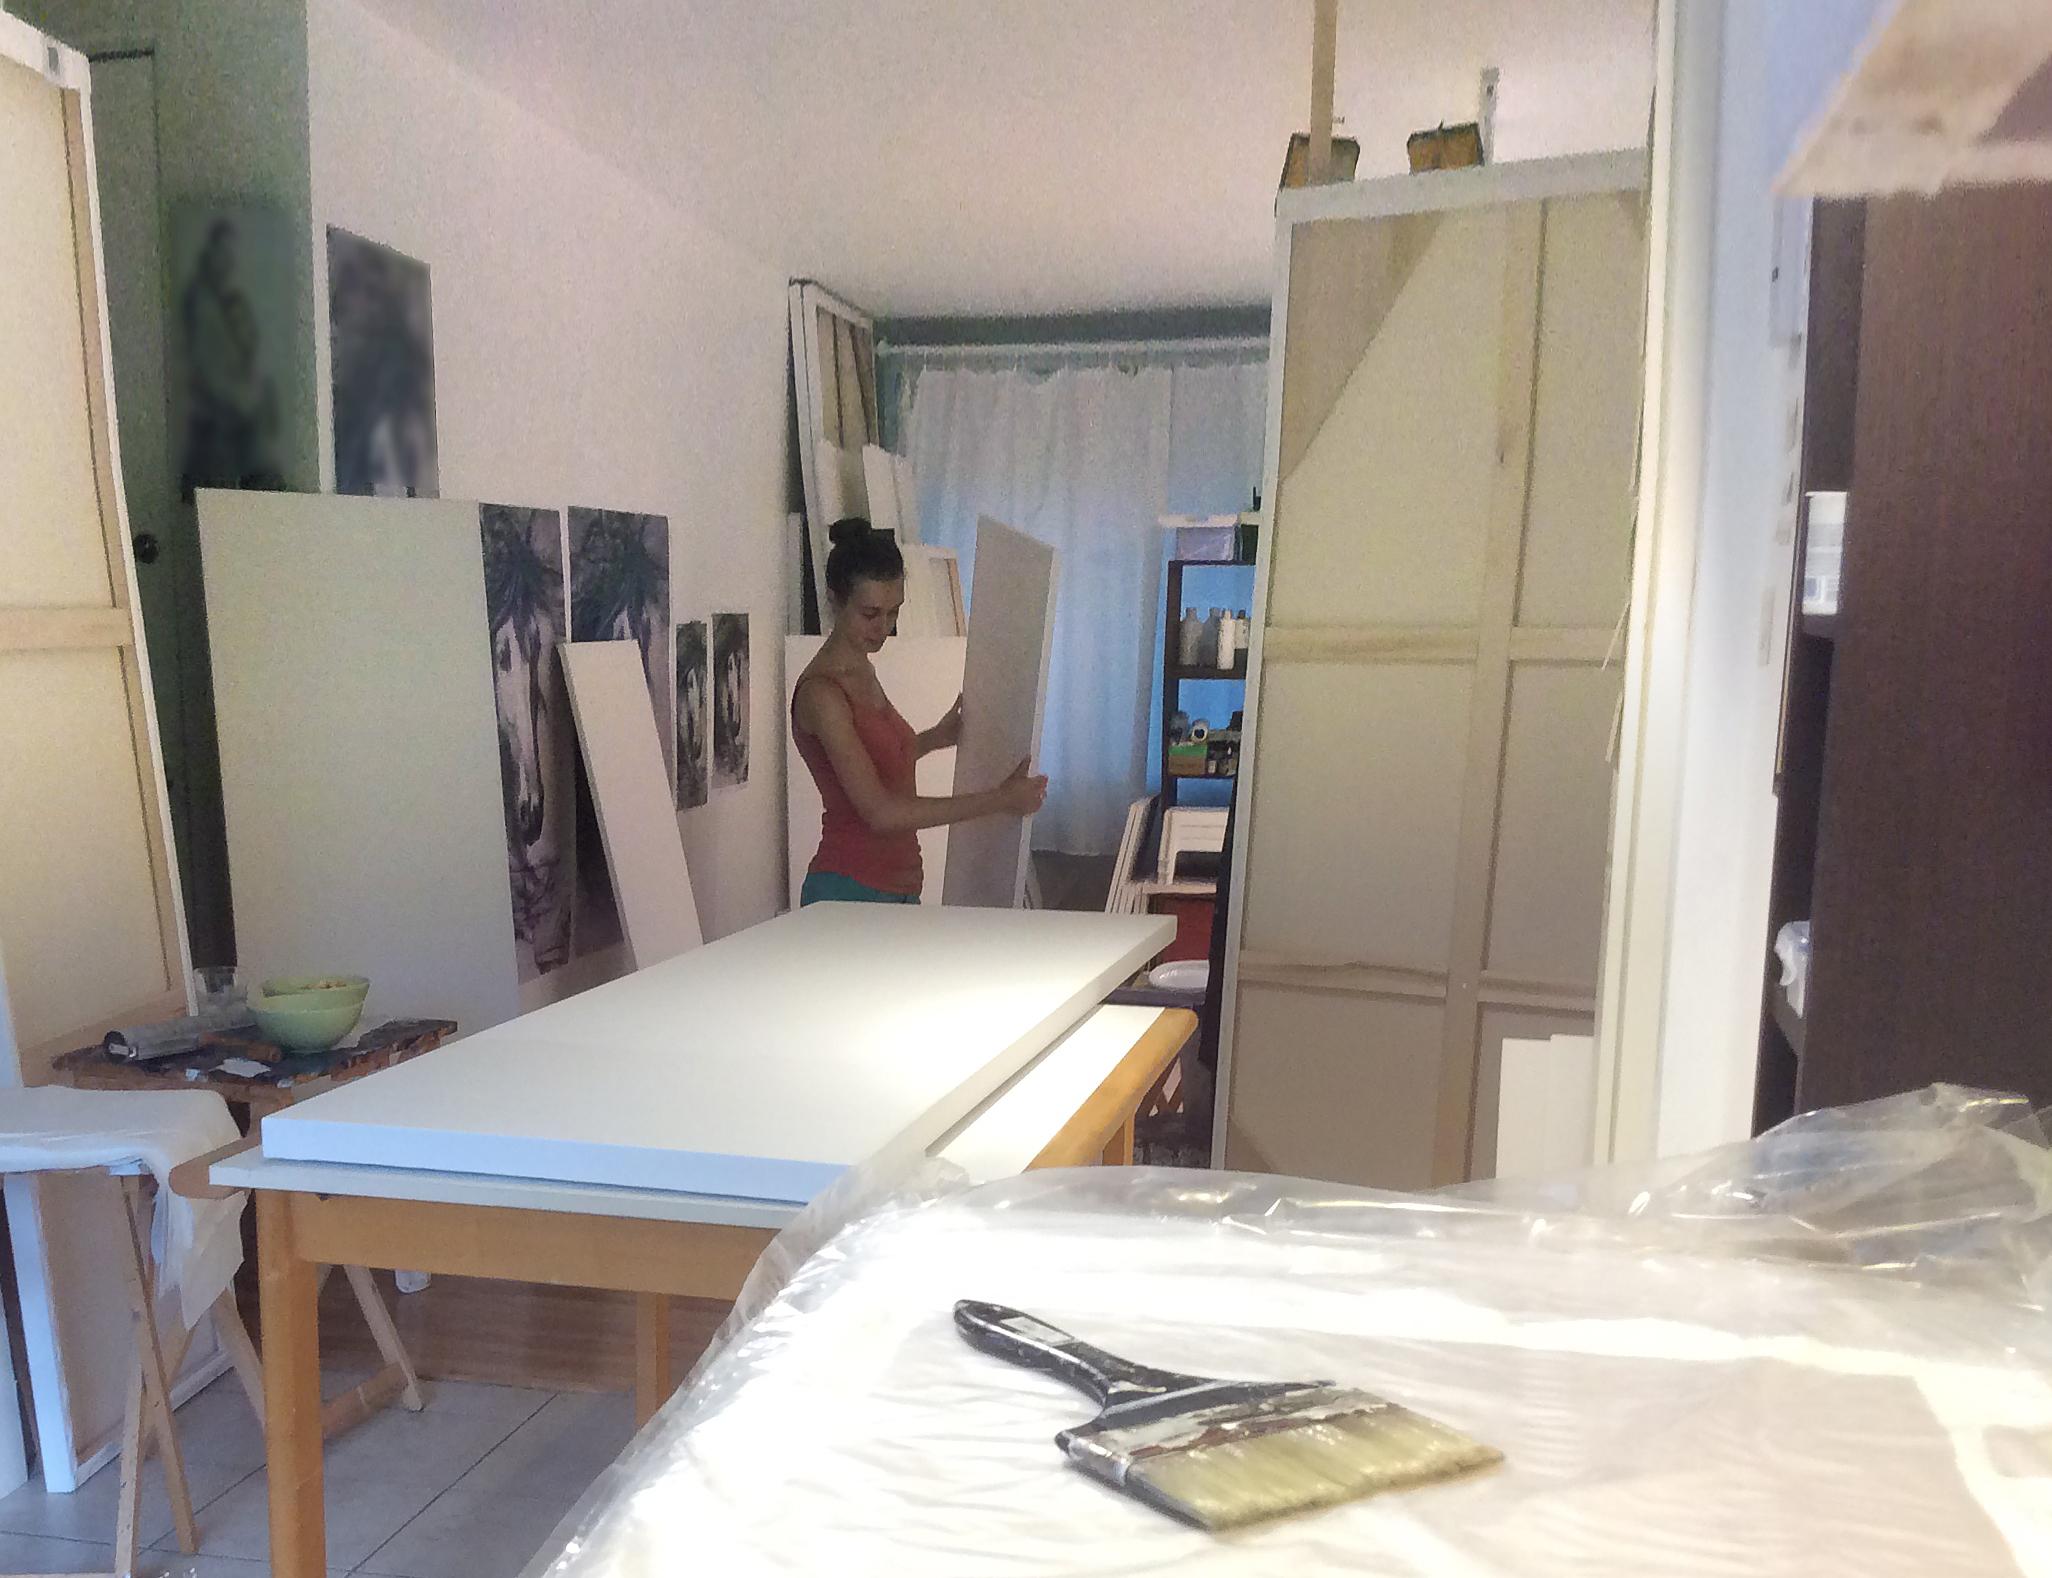 Semaine dernière, l'atelier est sens dessus dessous : on fait les fonds des toiles nécessaires pour les prochains mois !     Grosse semaine mais bien agréable car je ne suis pas seule.